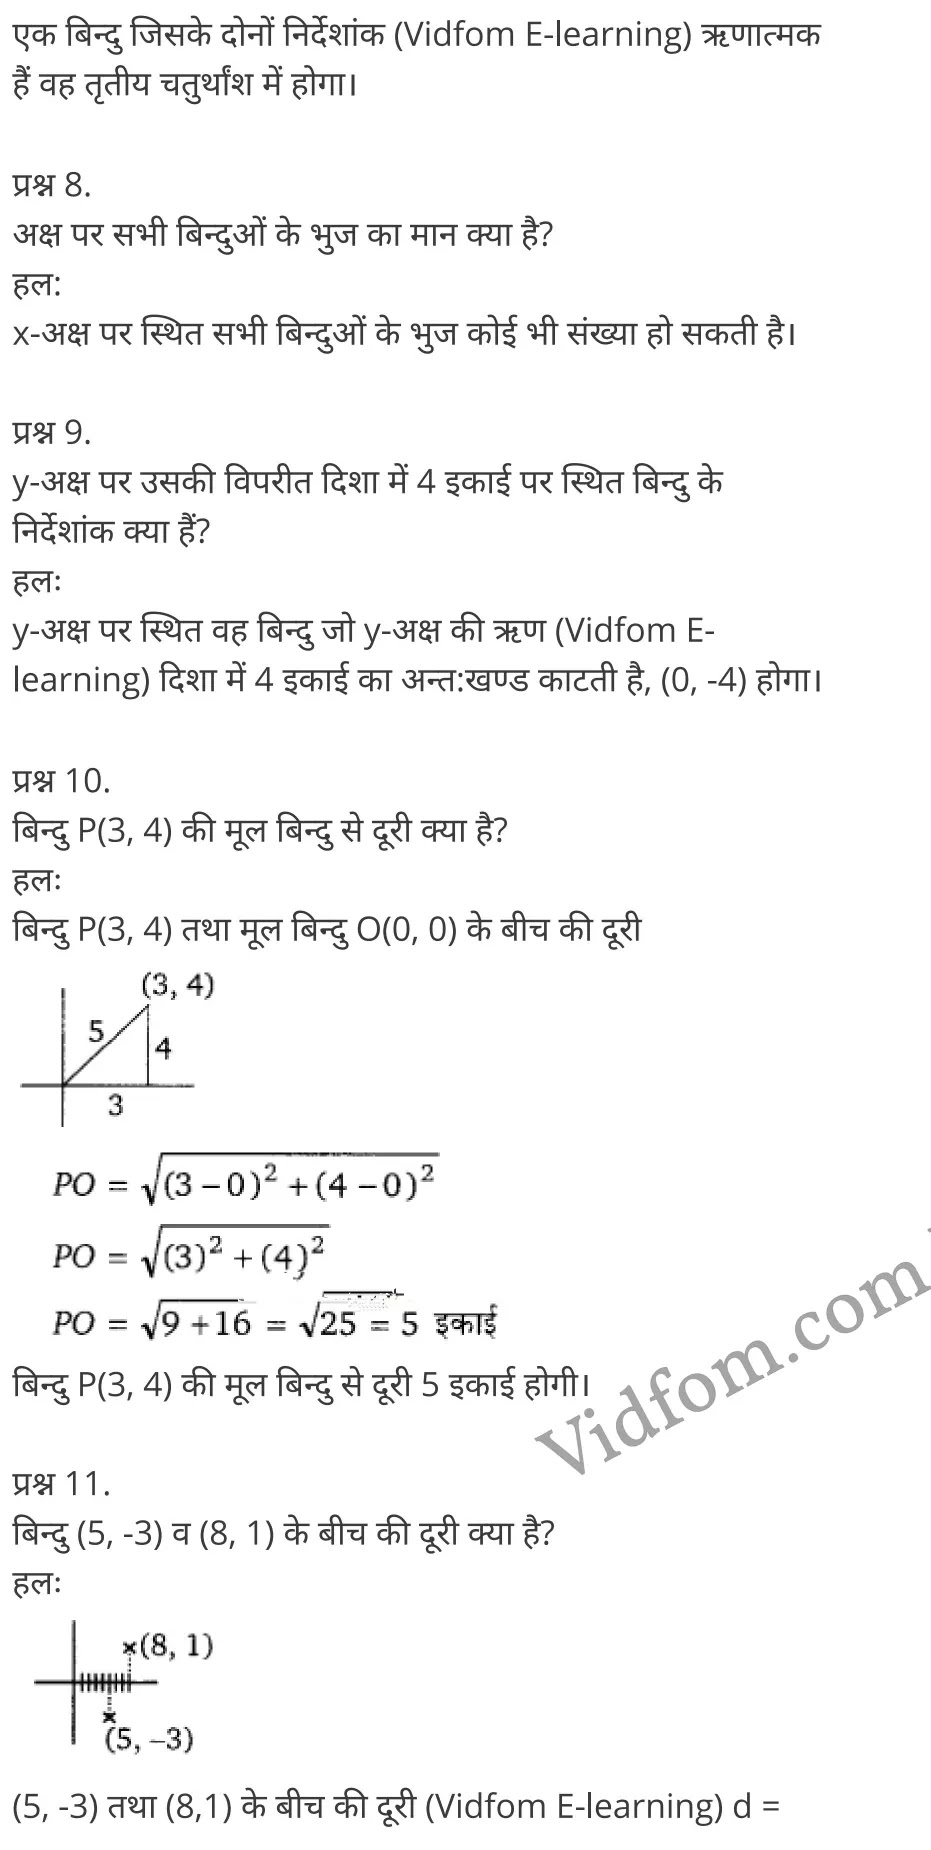 Chapter 6 Coordinate Geometry Ex 6.1 Chapter 6 Coordinate Geometry Ex 6.2 Chapter 6 Coordinate Geometry Ex 6.3 Chapter 6 Coordinate Geometry Ex 6.4 कक्षा 10 बालाजी गणित  के नोट्स  हिंदी में एनसीईआरटी समाधान,     class 10 Balaji Maths Chapter 6,   class 10 Balaji Maths Chapter 6 ncert solutions in Hindi,   class 10 Balaji Maths Chapter 6 notes in hindi,   class 10 Balaji Maths Chapter 6 question answer,   class 10 Balaji Maths Chapter 6 notes,   class 10 Balaji Maths Chapter 6 class 10 Balaji Maths Chapter 6 in  hindi,    class 10 Balaji Maths Chapter 6 important questions in  hindi,   class 10 Balaji Maths Chapter 6 notes in hindi,    class 10 Balaji Maths Chapter 6 test,   class 10 Balaji Maths Chapter 6 pdf,   class 10 Balaji Maths Chapter 6 notes pdf,   class 10 Balaji Maths Chapter 6 exercise solutions,   class 10 Balaji Maths Chapter 6 notes study rankers,   class 10 Balaji Maths Chapter 6 notes,    class 10 Balaji Maths Chapter 6  class 10  notes pdf,   class 10 Balaji Maths Chapter 6 class 10  notes  ncert,   class 10 Balaji Maths Chapter 6 class 10 pdf,   class 10 Balaji Maths Chapter 6  book,   class 10 Balaji Maths Chapter 6 quiz class 10  ,    10  th class 10 Balaji Maths Chapter 6  book up board,   up board 10  th class 10 Balaji Maths Chapter 6 notes,  class 10 Balaji Maths,   class 10 Balaji Maths ncert solutions in Hindi,   class 10 Balaji Maths notes in hindi,   class 10 Balaji Maths question answer,   class 10 Balaji Maths notes,  class 10 Balaji Maths class 10 Balaji Maths Chapter 6 in  hindi,    class 10 Balaji Maths important questions in  hindi,   class 10 Balaji Maths notes in hindi,    class 10 Balaji Maths test,  class 10 Balaji Maths class 10 Balaji Maths Chapter 6 pdf,   class 10 Balaji Maths notes pdf,   class 10 Balaji Maths exercise solutions,   class 10 Balaji Maths,  class 10 Balaji Maths notes study rankers,   class 10 Balaji Maths notes,  class 10 Balaji Maths notes,   class 10 Balaji Maths  class 10  notes pdf,   class 10 Balaji Mat